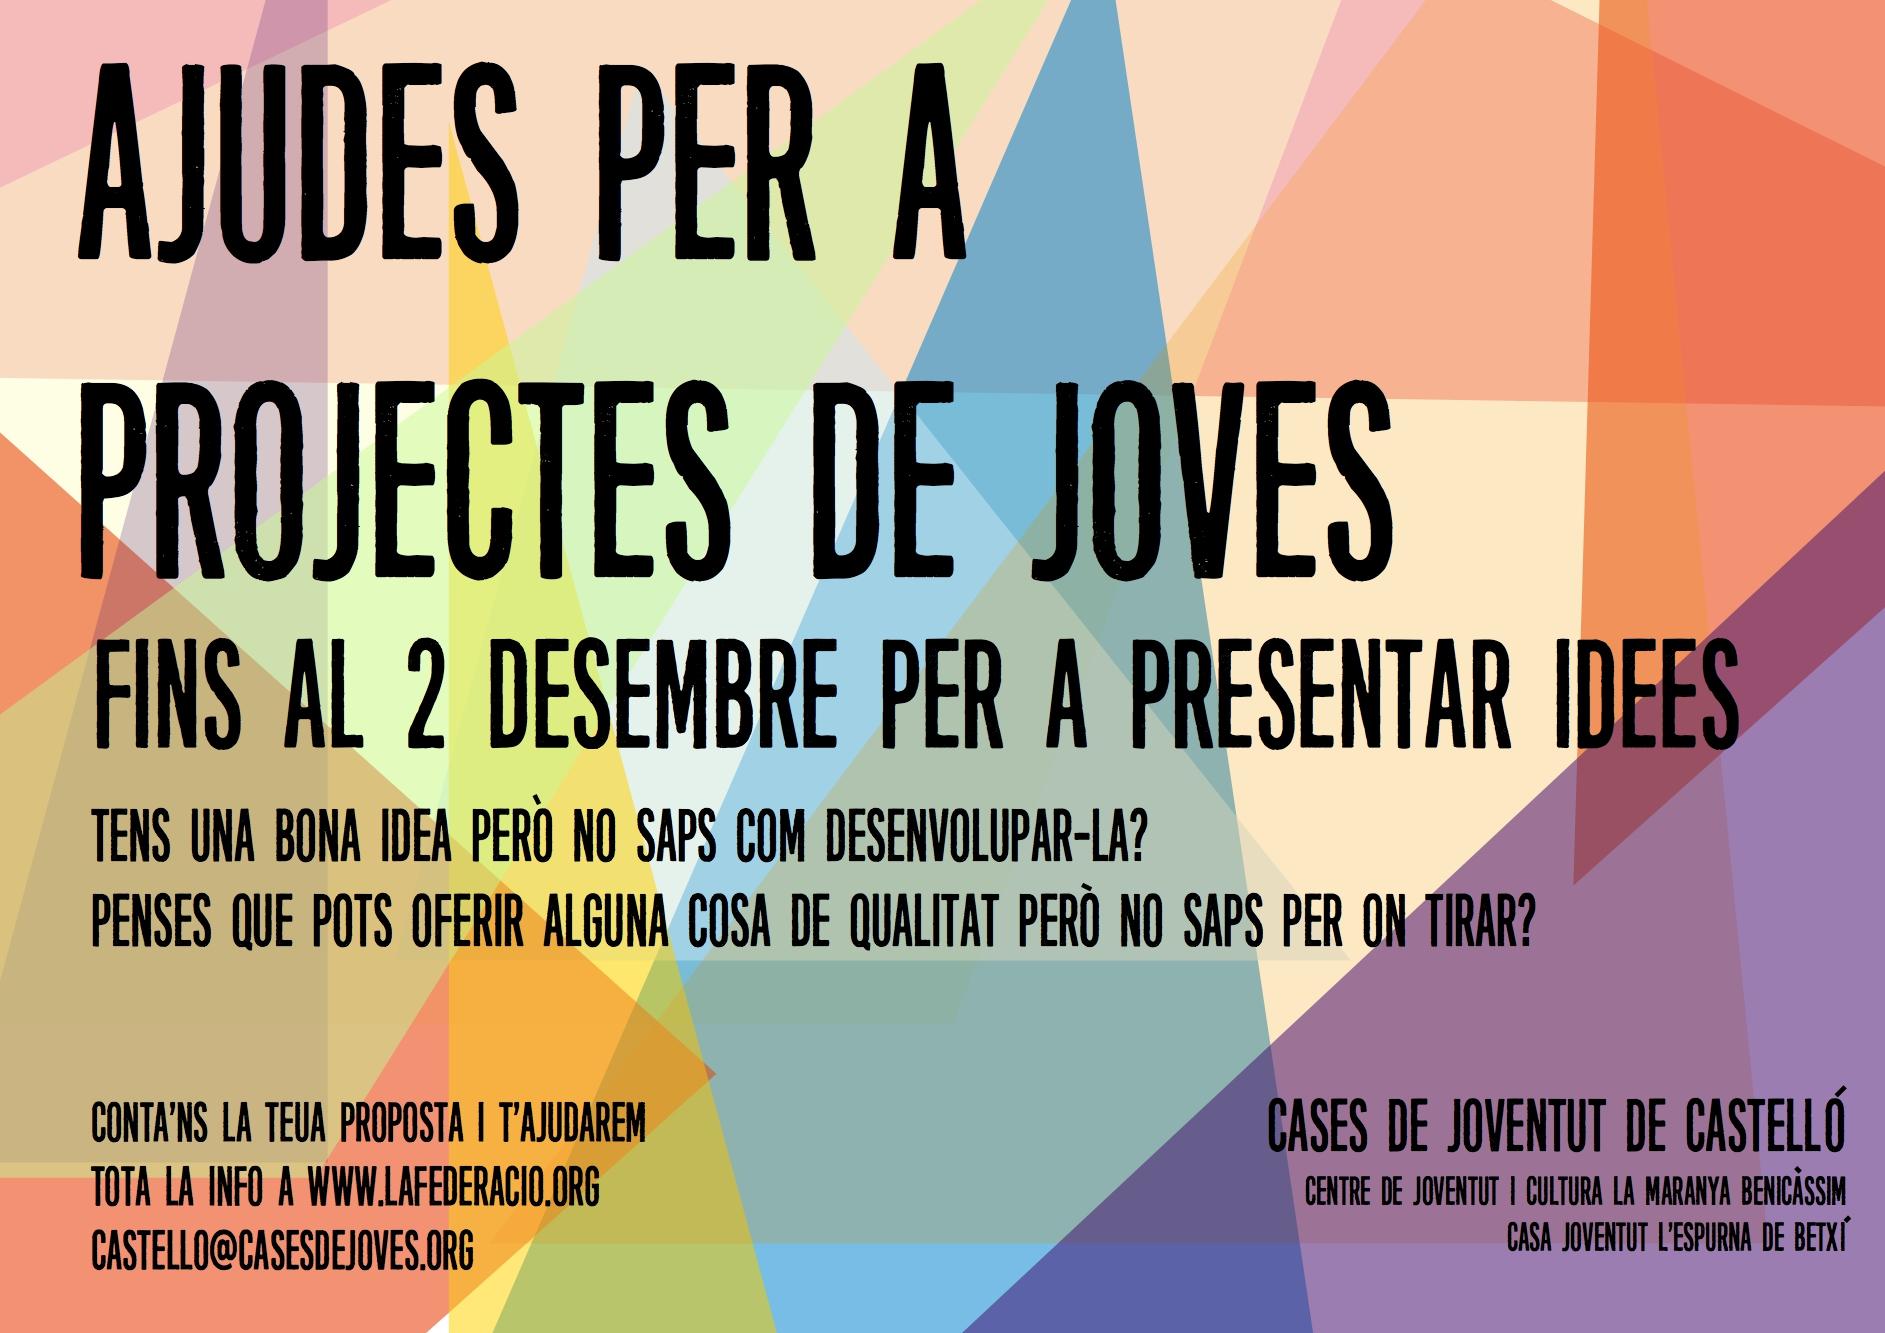 Cases de Castelló trau una convocatòria per ajudes per a projectes de joves